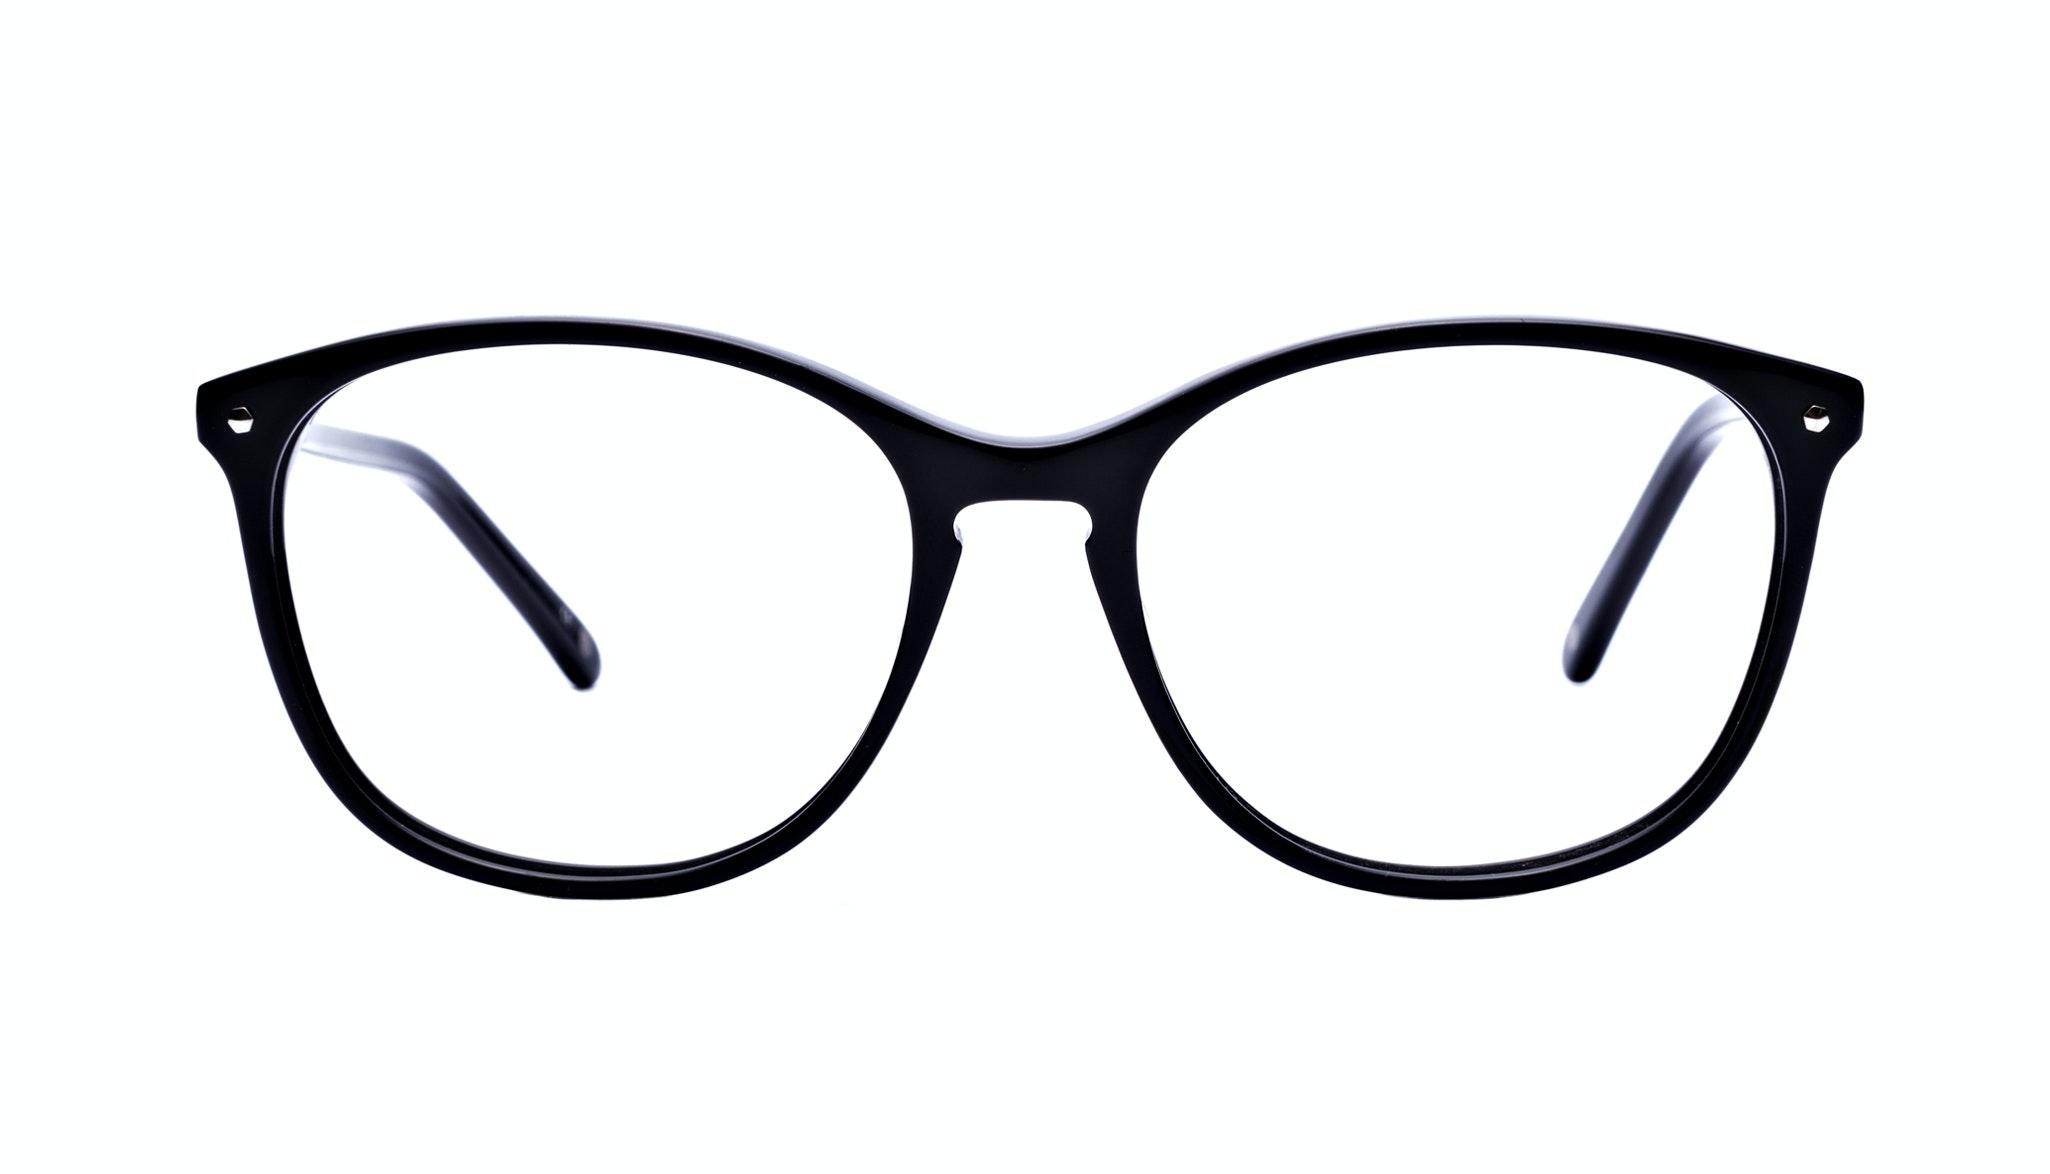 Lunettes tendance Rectangle Carrée Ronde Lunettes de vue Femmes Nadine Pitch Black